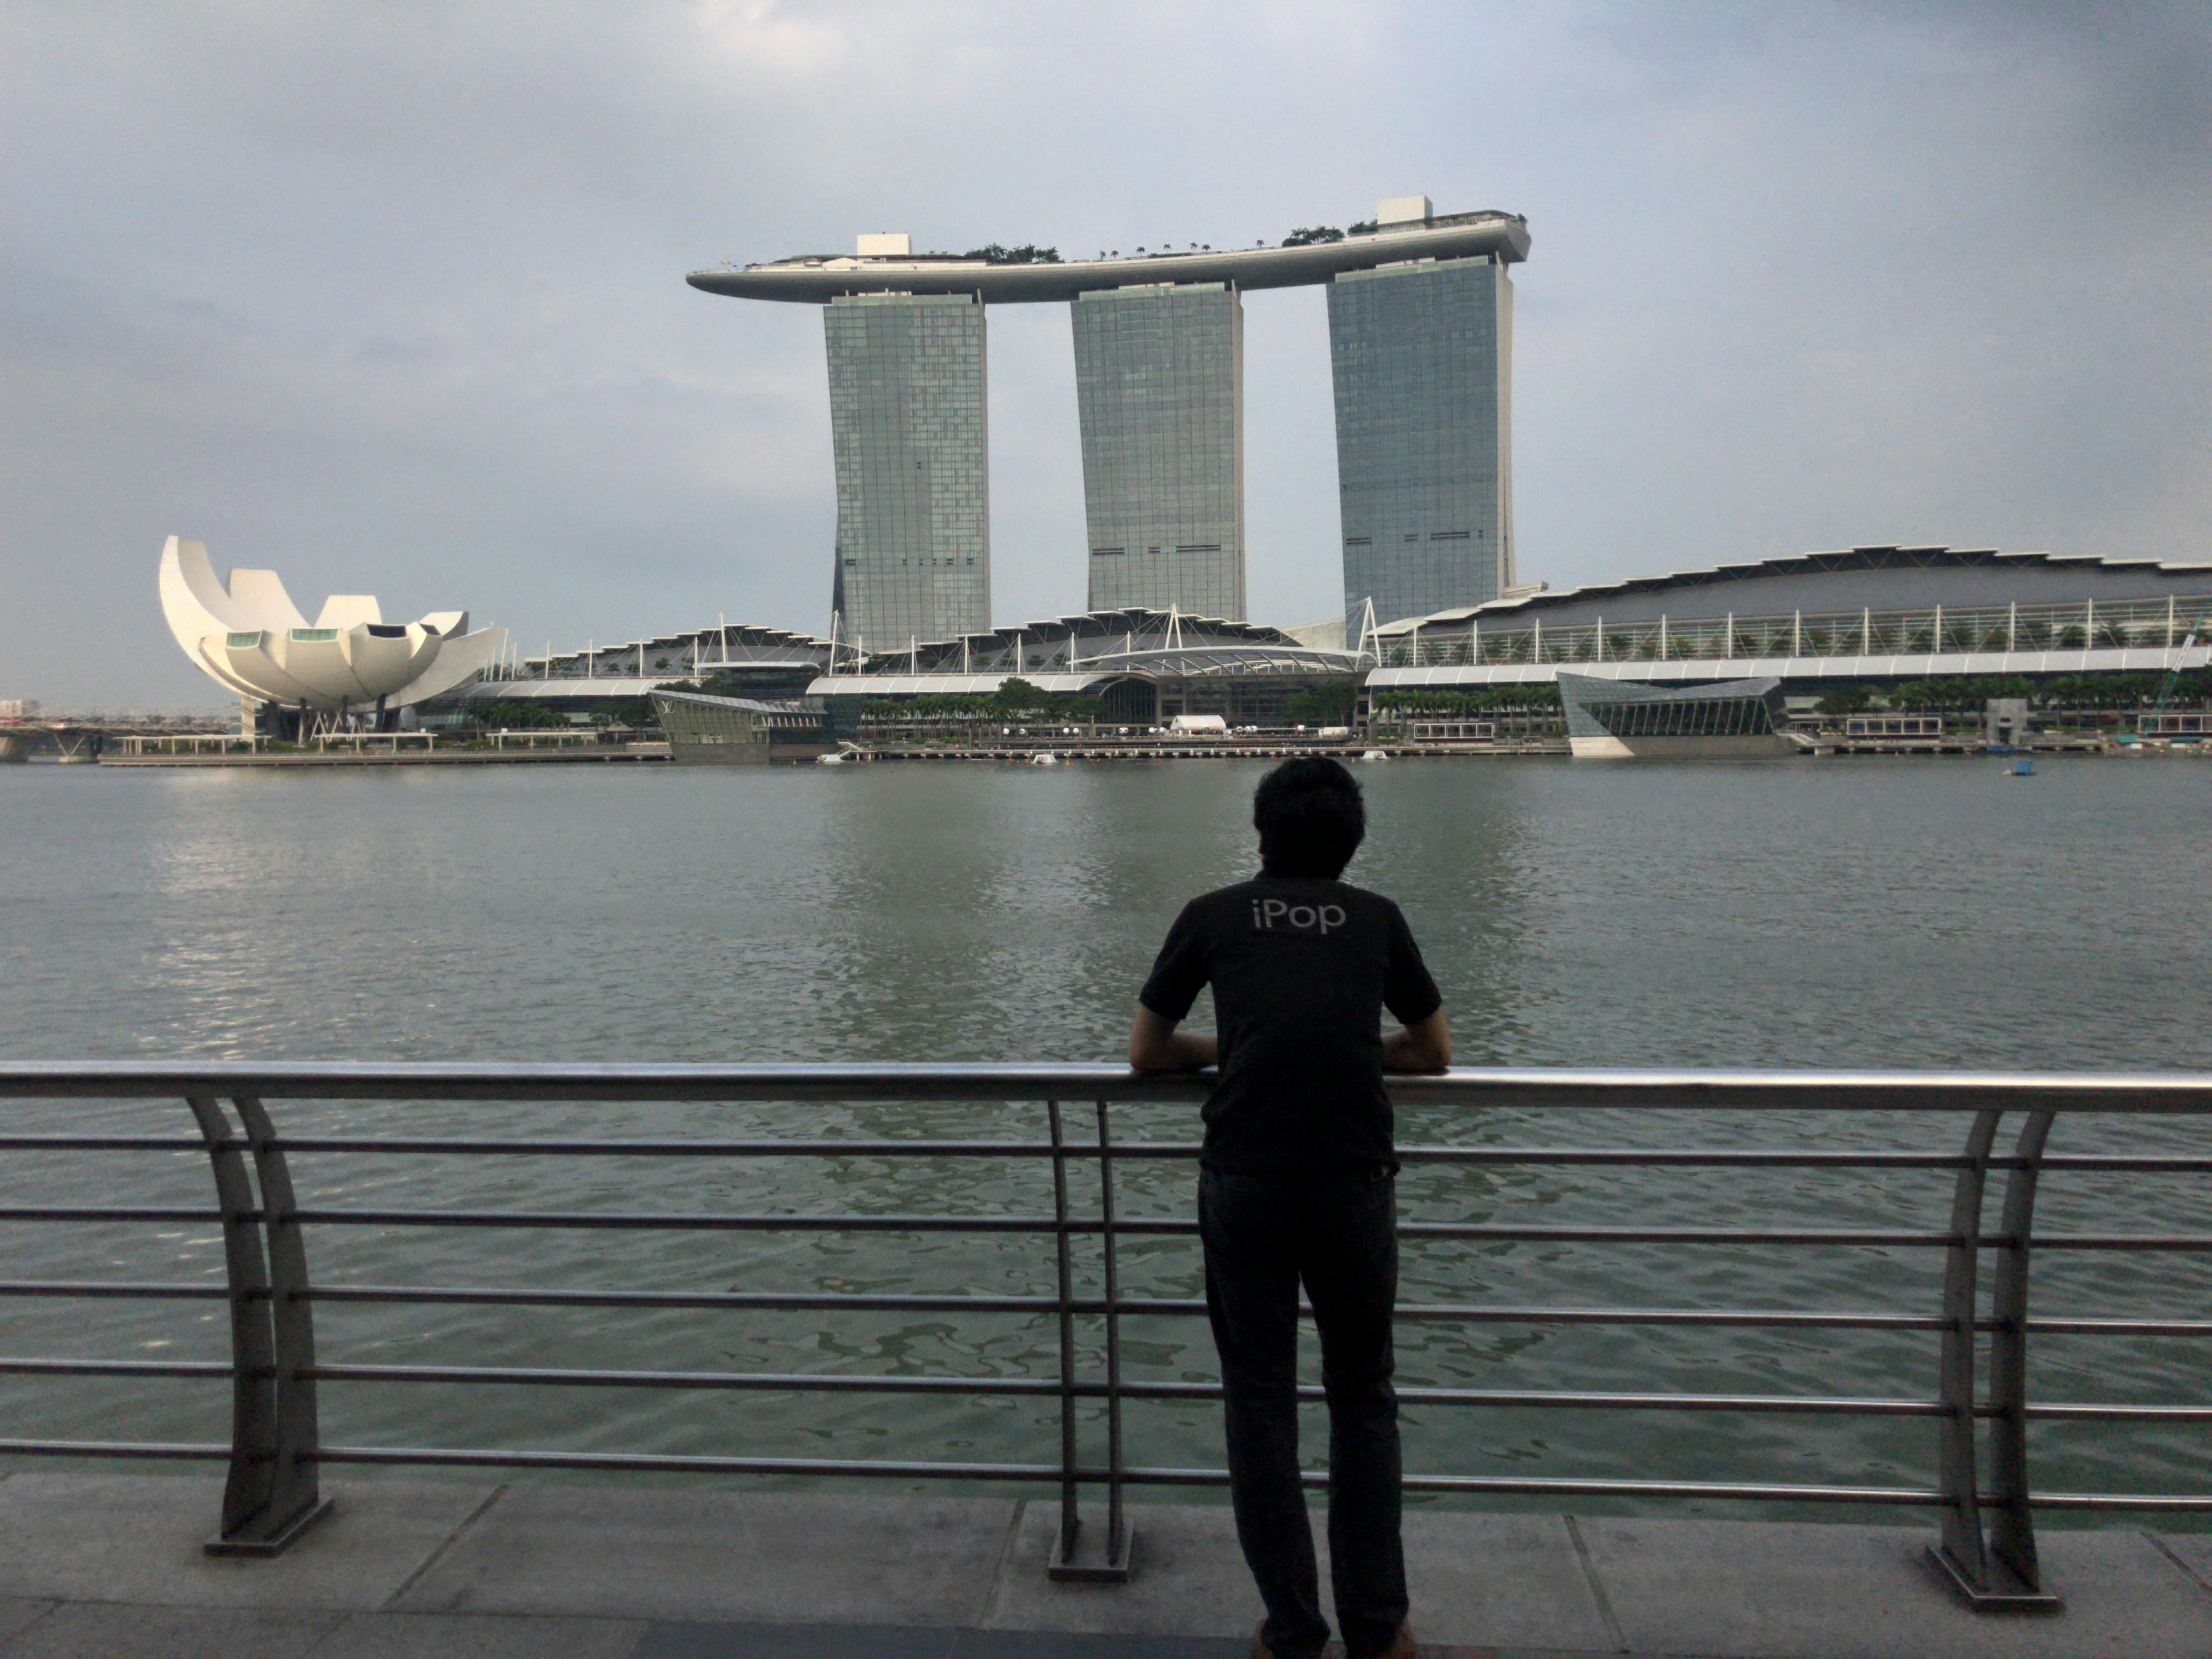 シンガポールへ行ってきたので、海外での通信方法や設定についてまとめたよ!